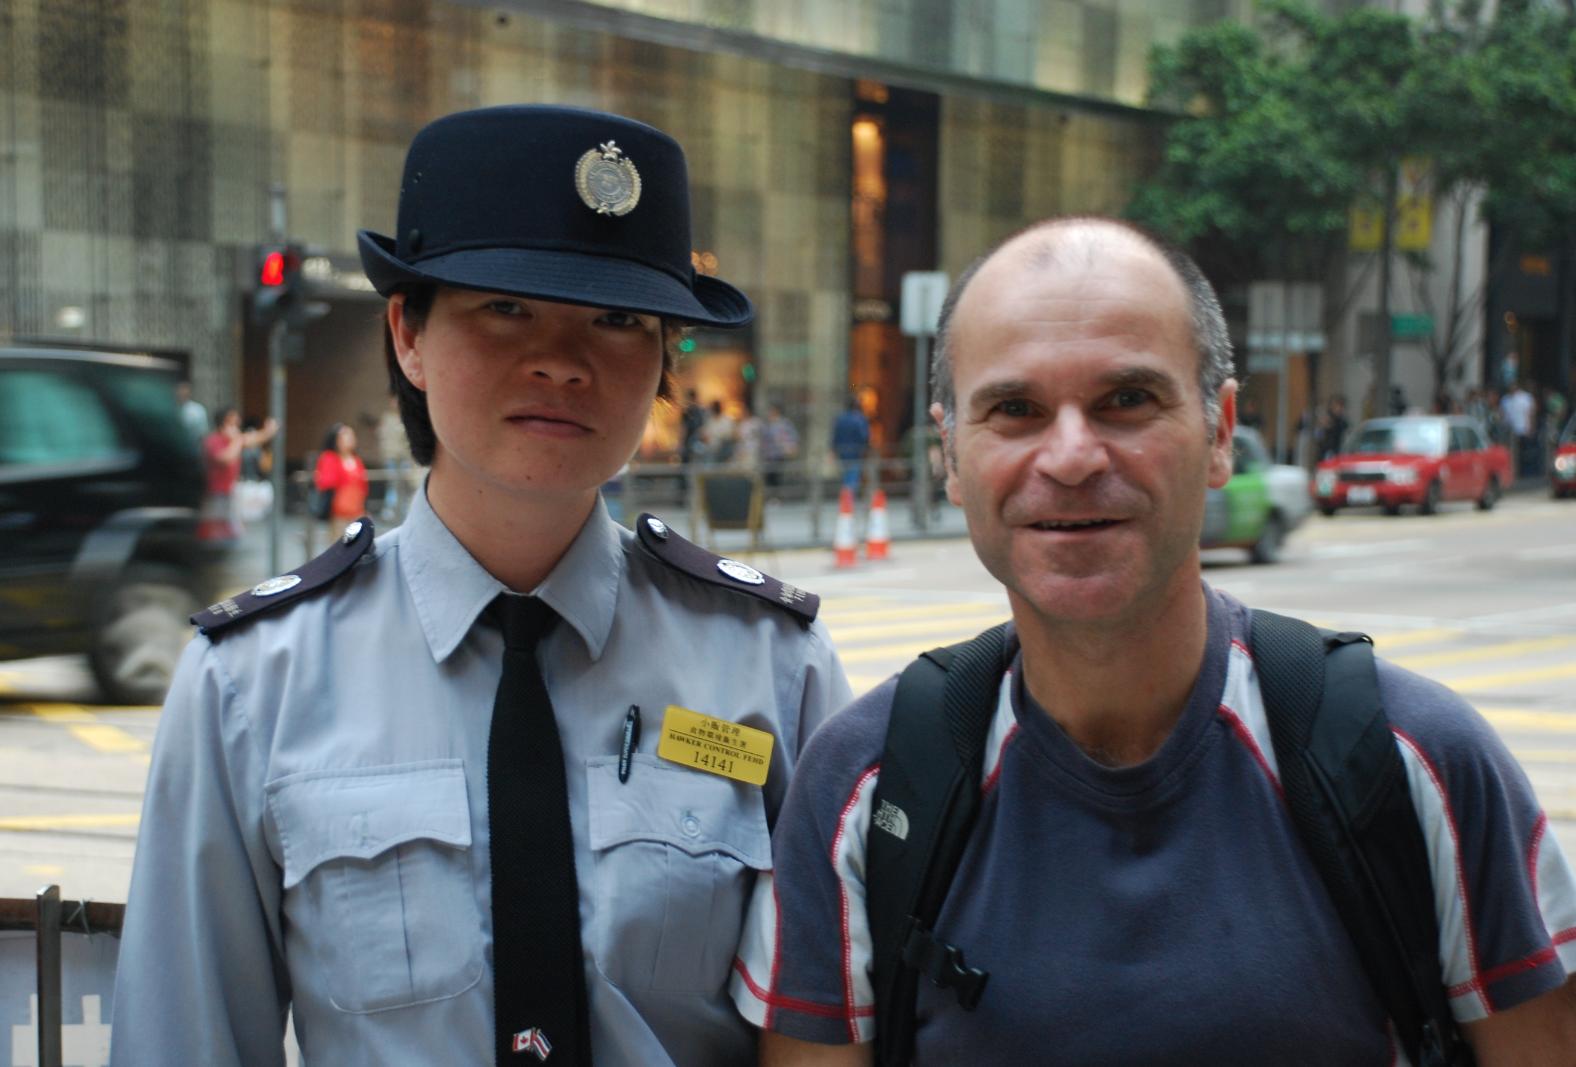 Selfie-HK Police